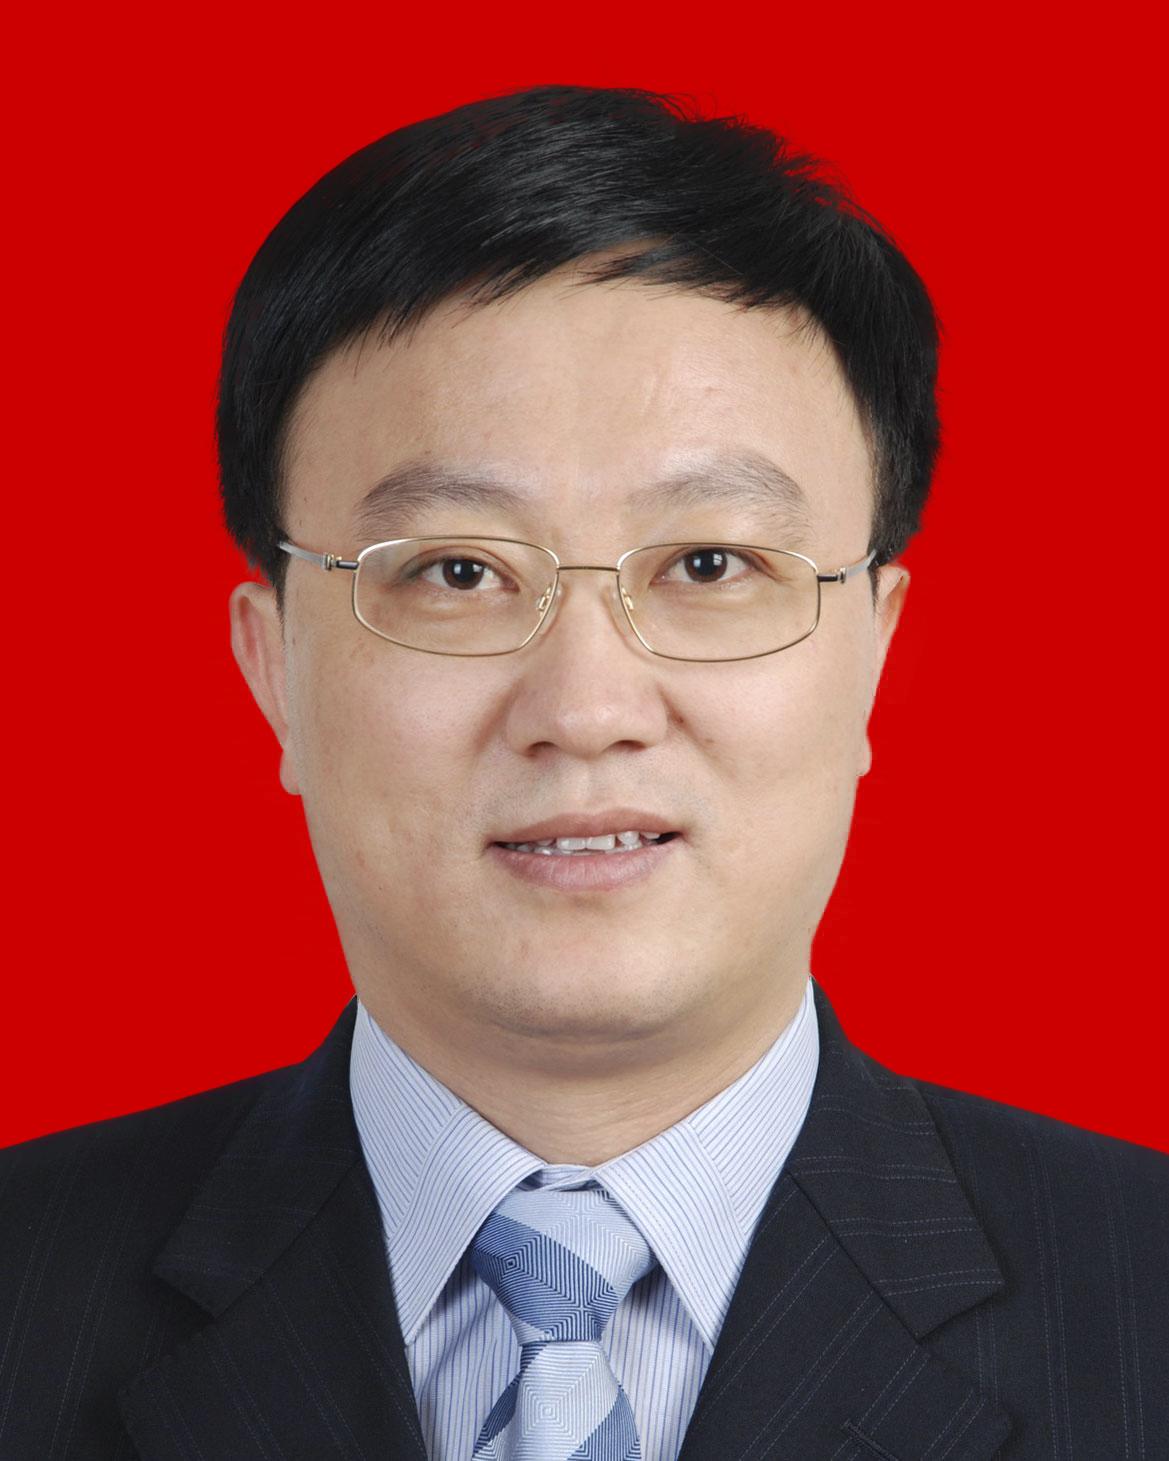 杨广亭任西安市副市长 聂仲秋不再担任(图/简历